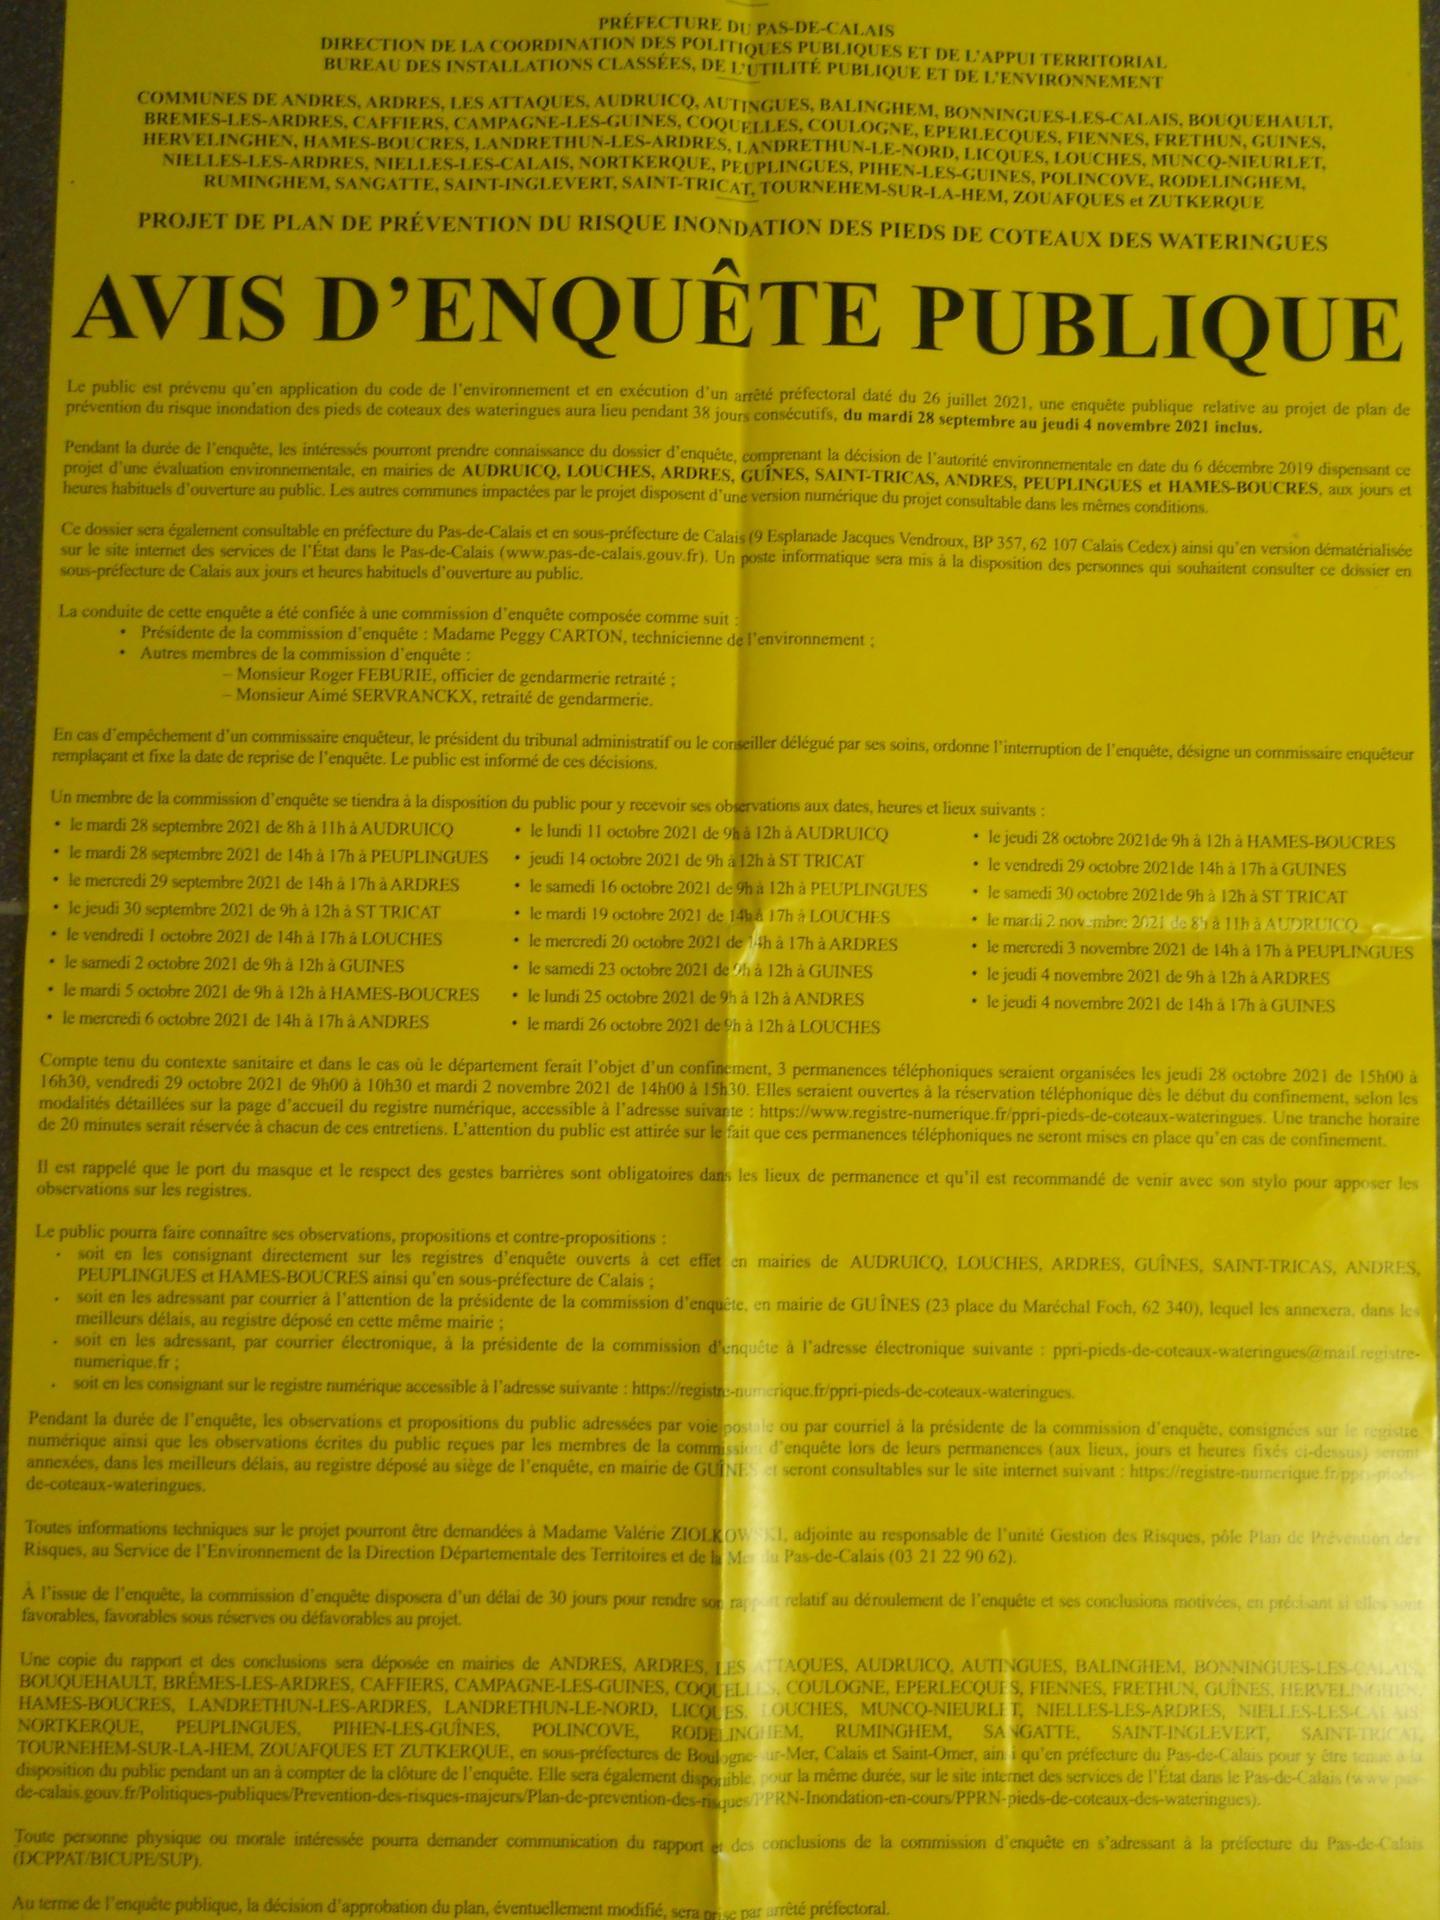 Avis enquete publique ppri coteaux des wateringues